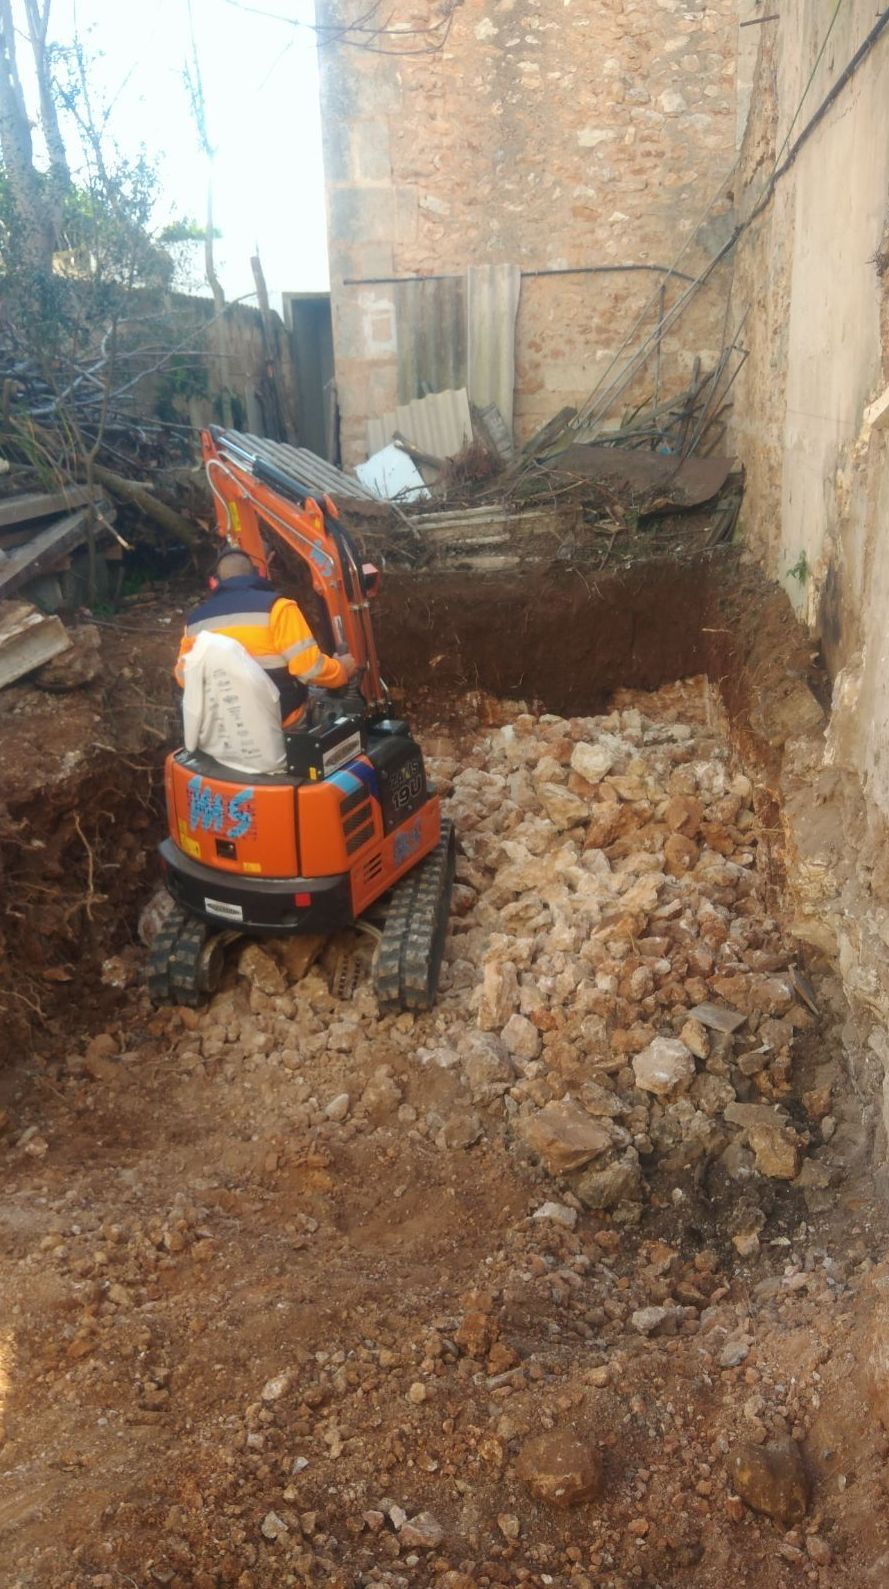 Foto 8 de Transporte y materiales de construcción en Campanet   Transportes Miguel Socias e Hijos